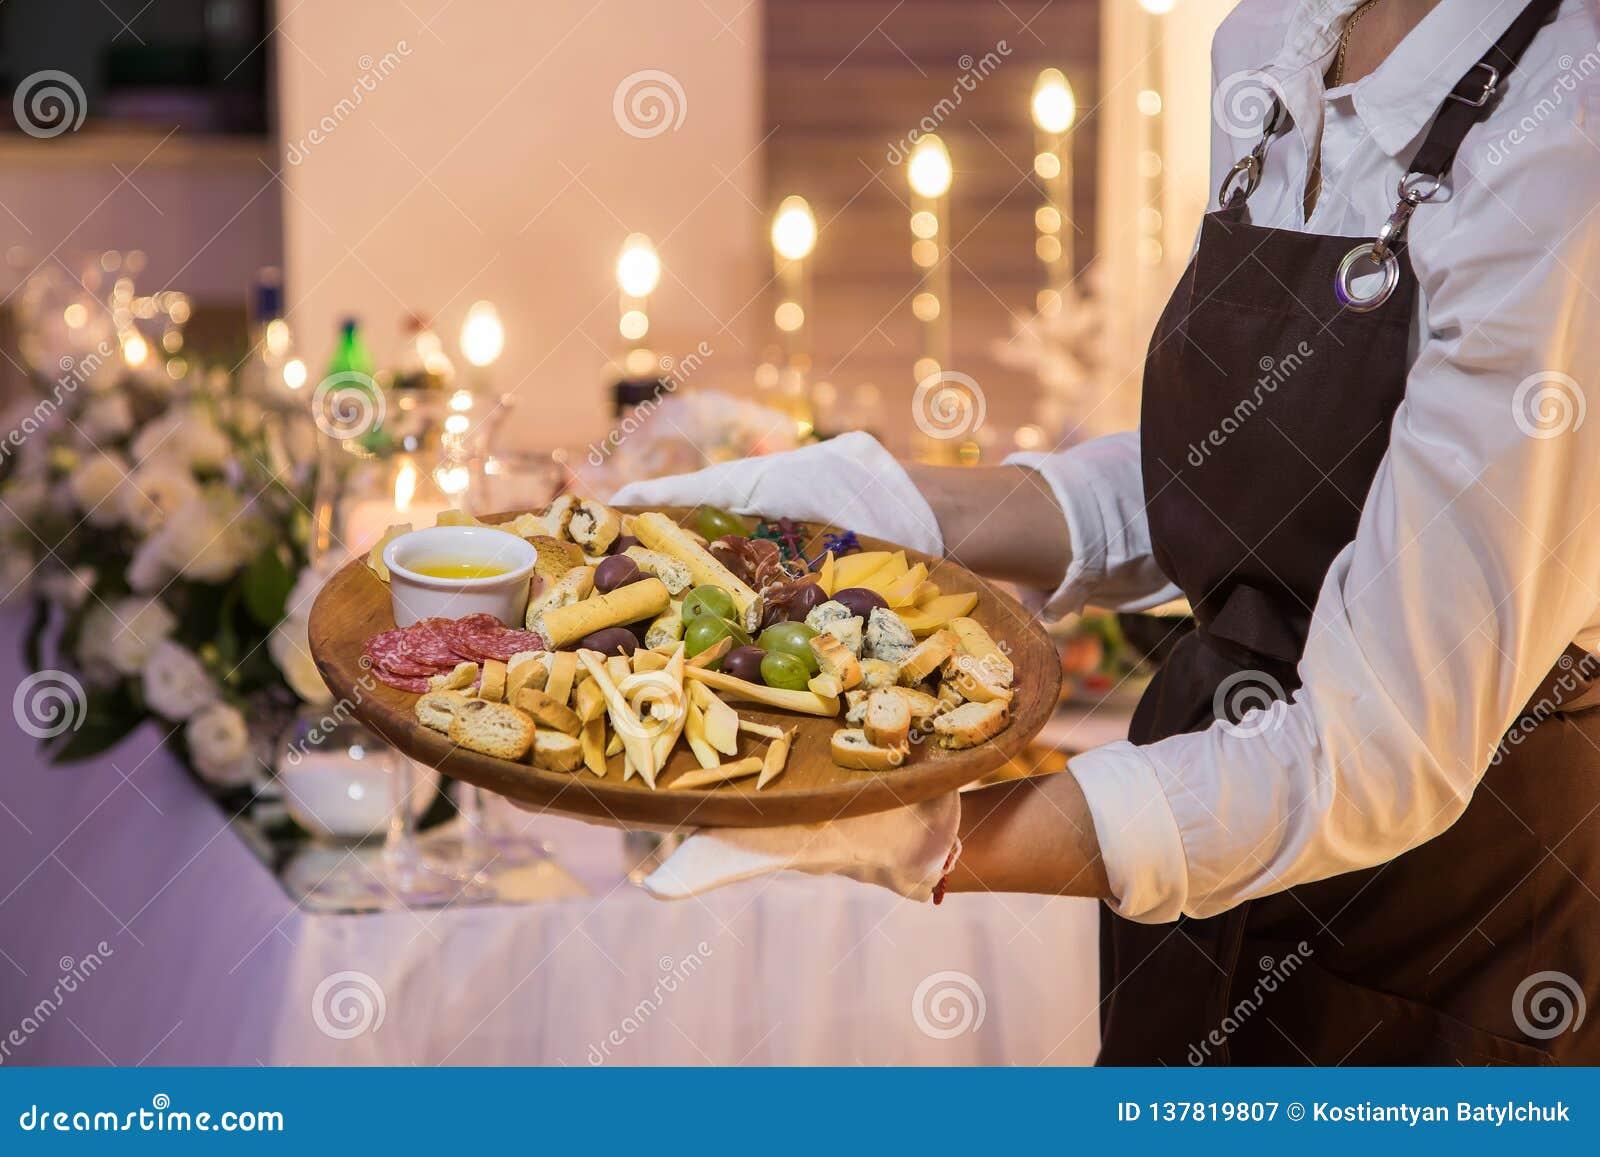 女服务员拿着一个木盘用肉和乳酪